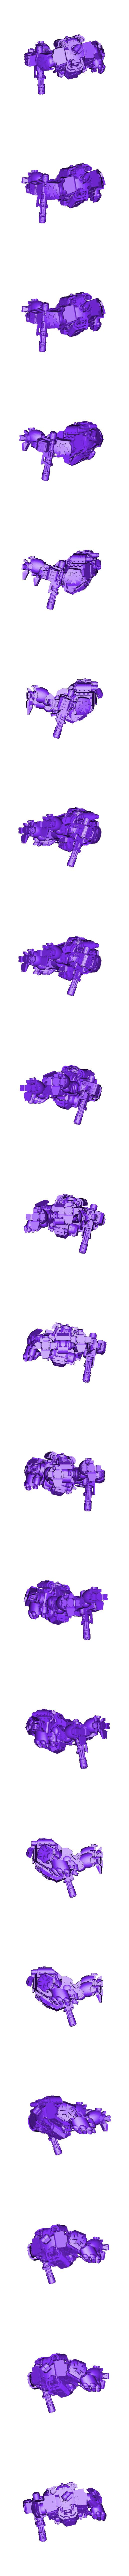 Dark Crusader - Redemption Mausoleum - Gatling + Gatling.stl Download free STL file Dark Crusader Redemption Mausoleum • 3D printer design, GrimmTheMaker